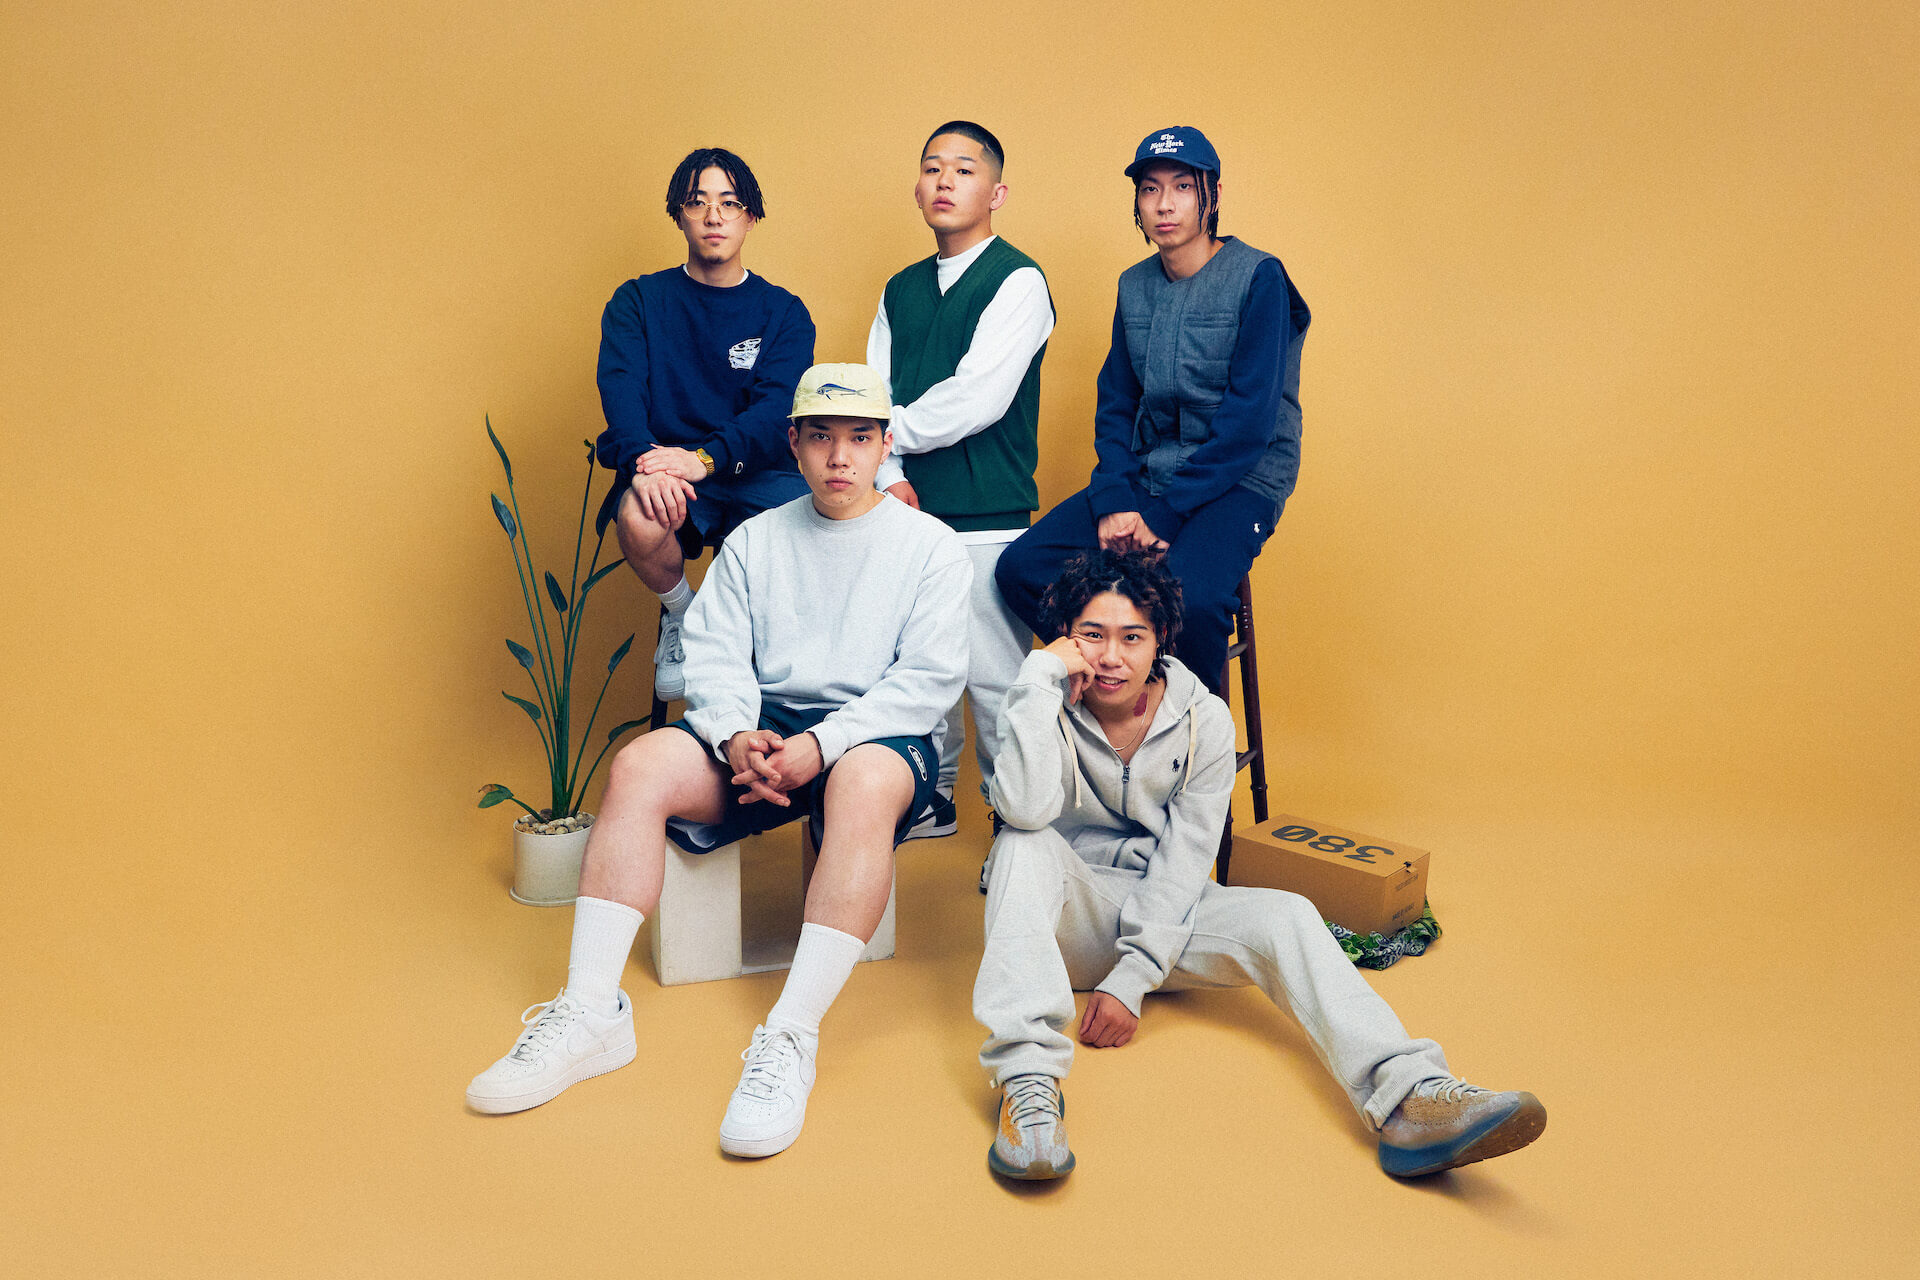 フジロック'21開催直前!登竜門ステージ「ROOKIE A GO-GO 2021」出演の9組にインタビュー music210813_fujirock-rookie-09